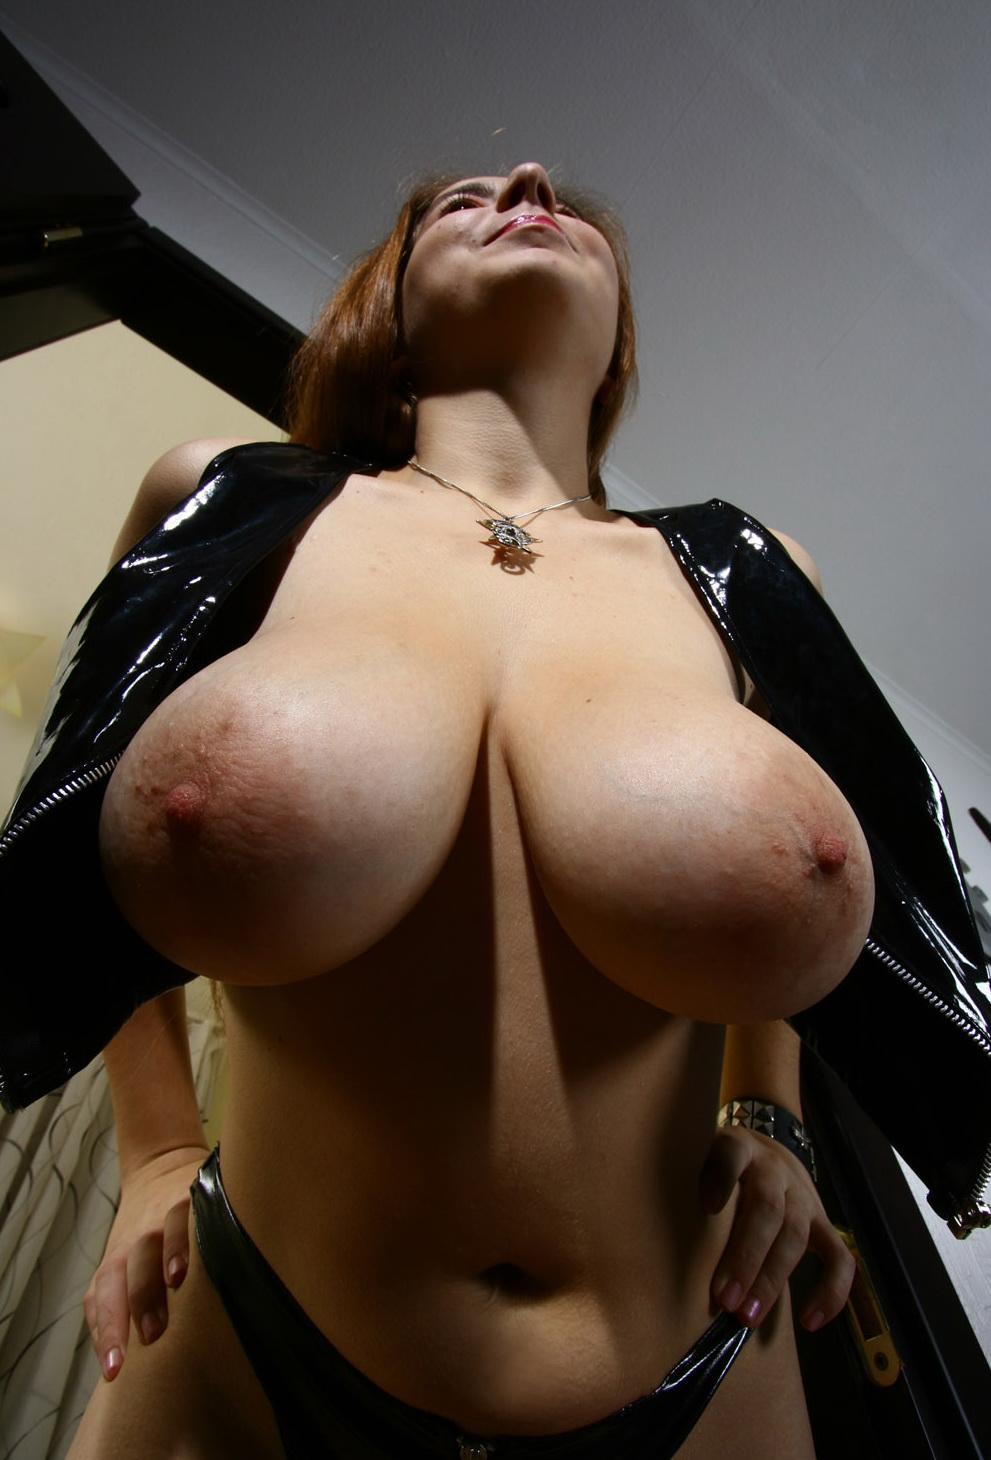 eskort i nyköping med mjölkfyllda bröst